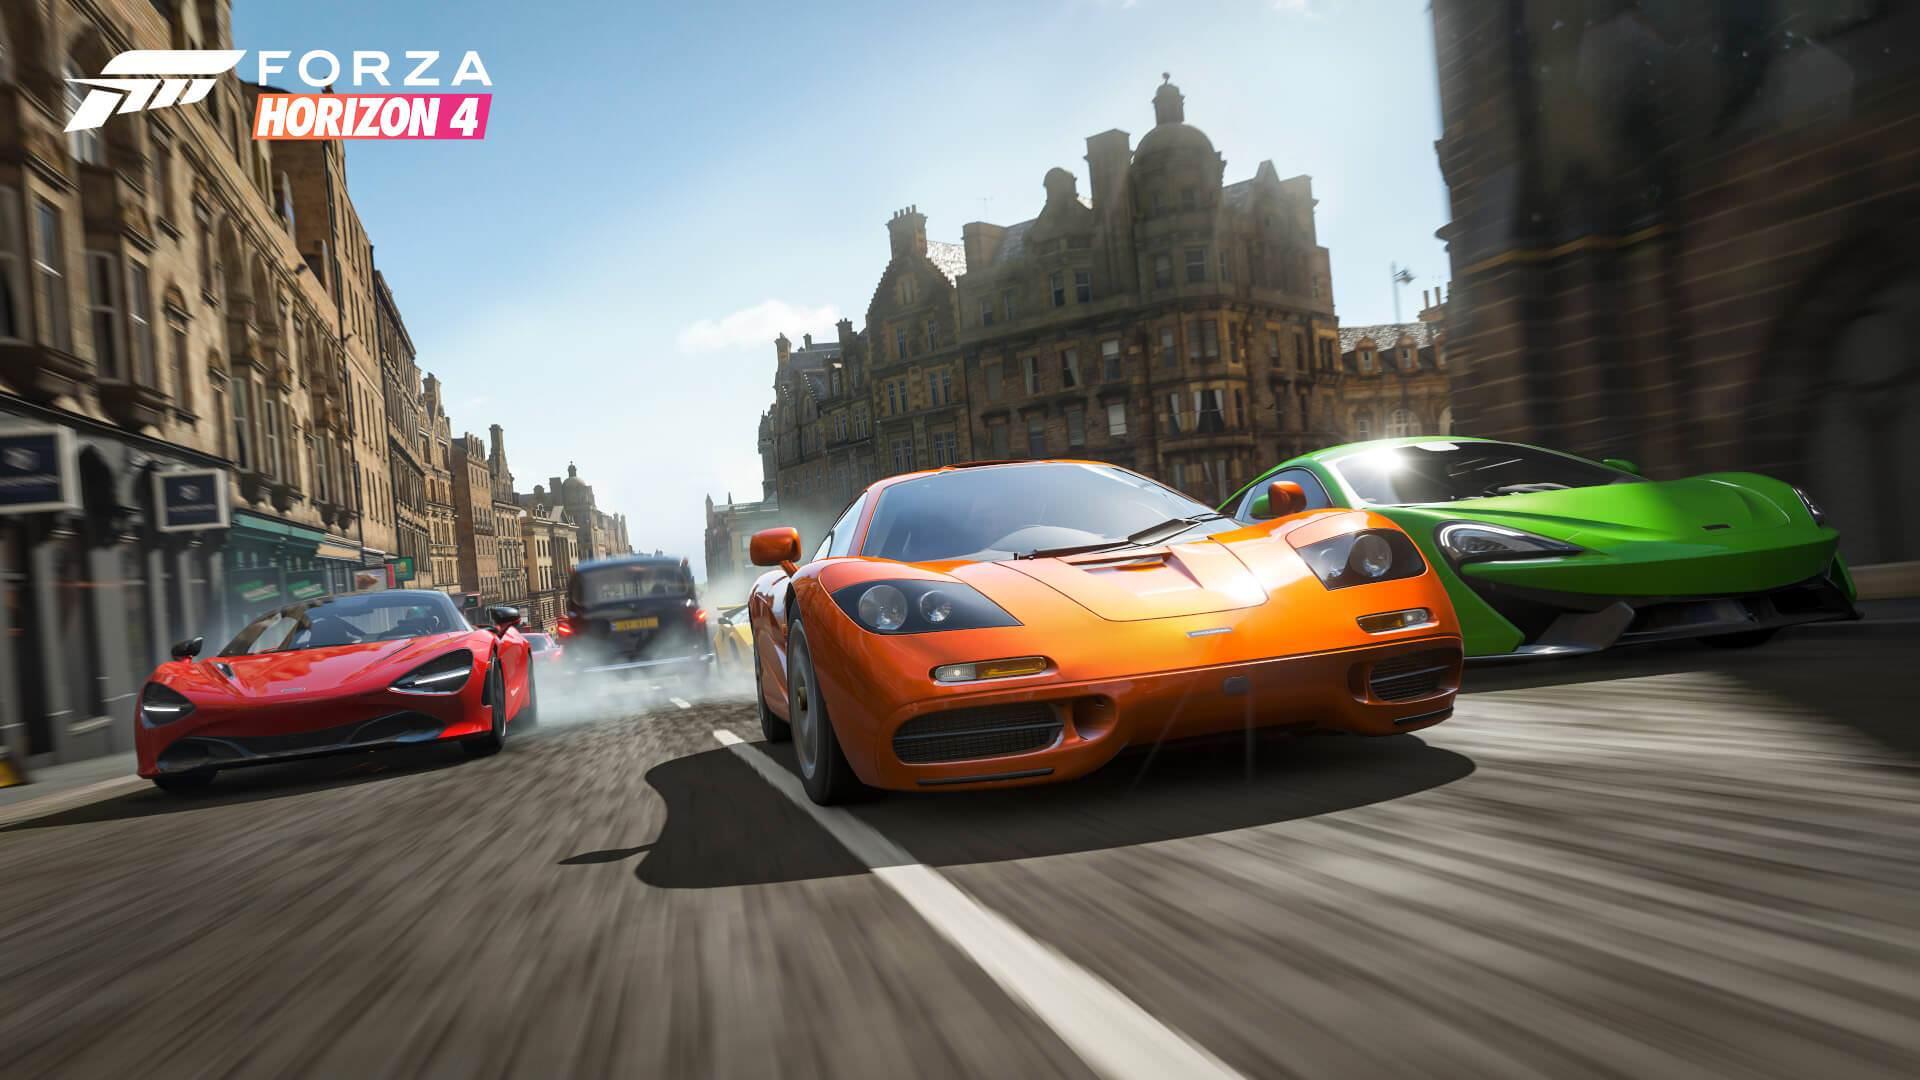 Forza Horizon 4 Mclaren